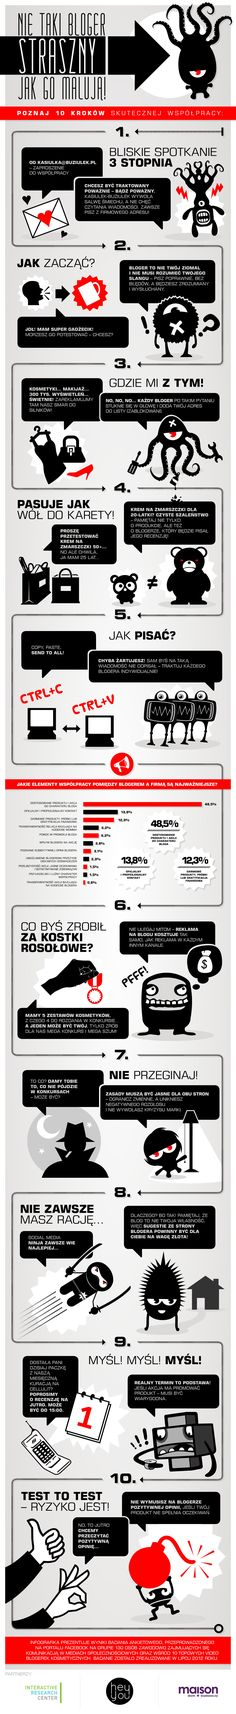 Oto 10 kluczowych zasad współpracy z blogerami, wyłonionych podczas badania ankietowego, przeprowadzonego na portalu Facebook na grupie 130 osób zajmujących się komunikacją w social media oraz wśród 10 najbardziej wpływowych video-blogerek w 2012 roku w segmencie kosmetyków.    Video-blogerki zostały wyselekcjonowane w ramach badania zrealizowanego przez Interactive Research Center we współpracy z Domem Badawczym Maison. Agencja Hey You! odpowiada za opracowanie oraz kreację infografiki.